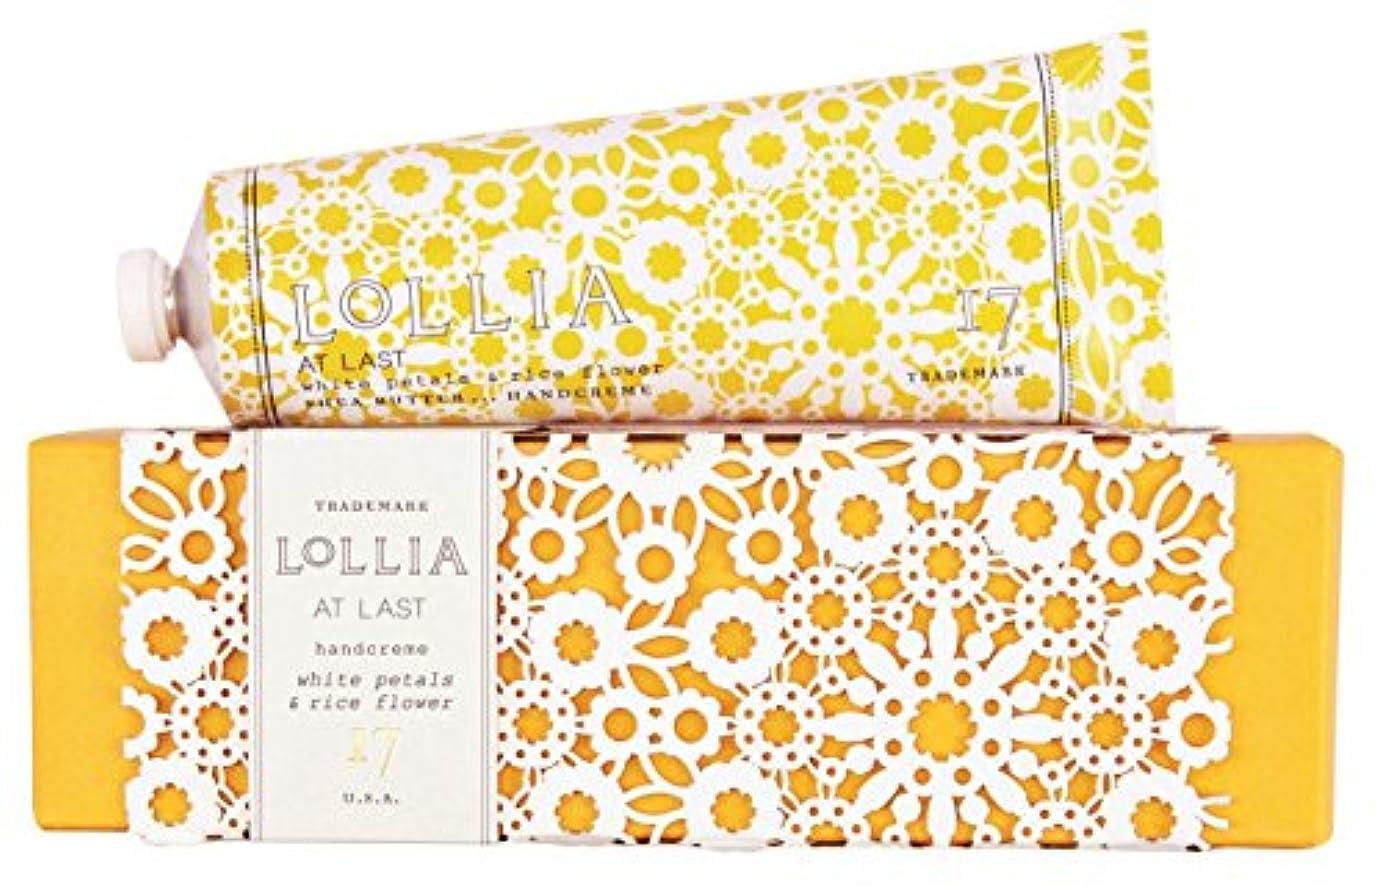 拡張マーチャンダイザー適用済みロリア(LoLLIA) ミニハンドクリーム AtLast 9.3g(手肌用保湿クリーム ライスフラワー、マグノリアとミモザの柔らかな花々の香り))